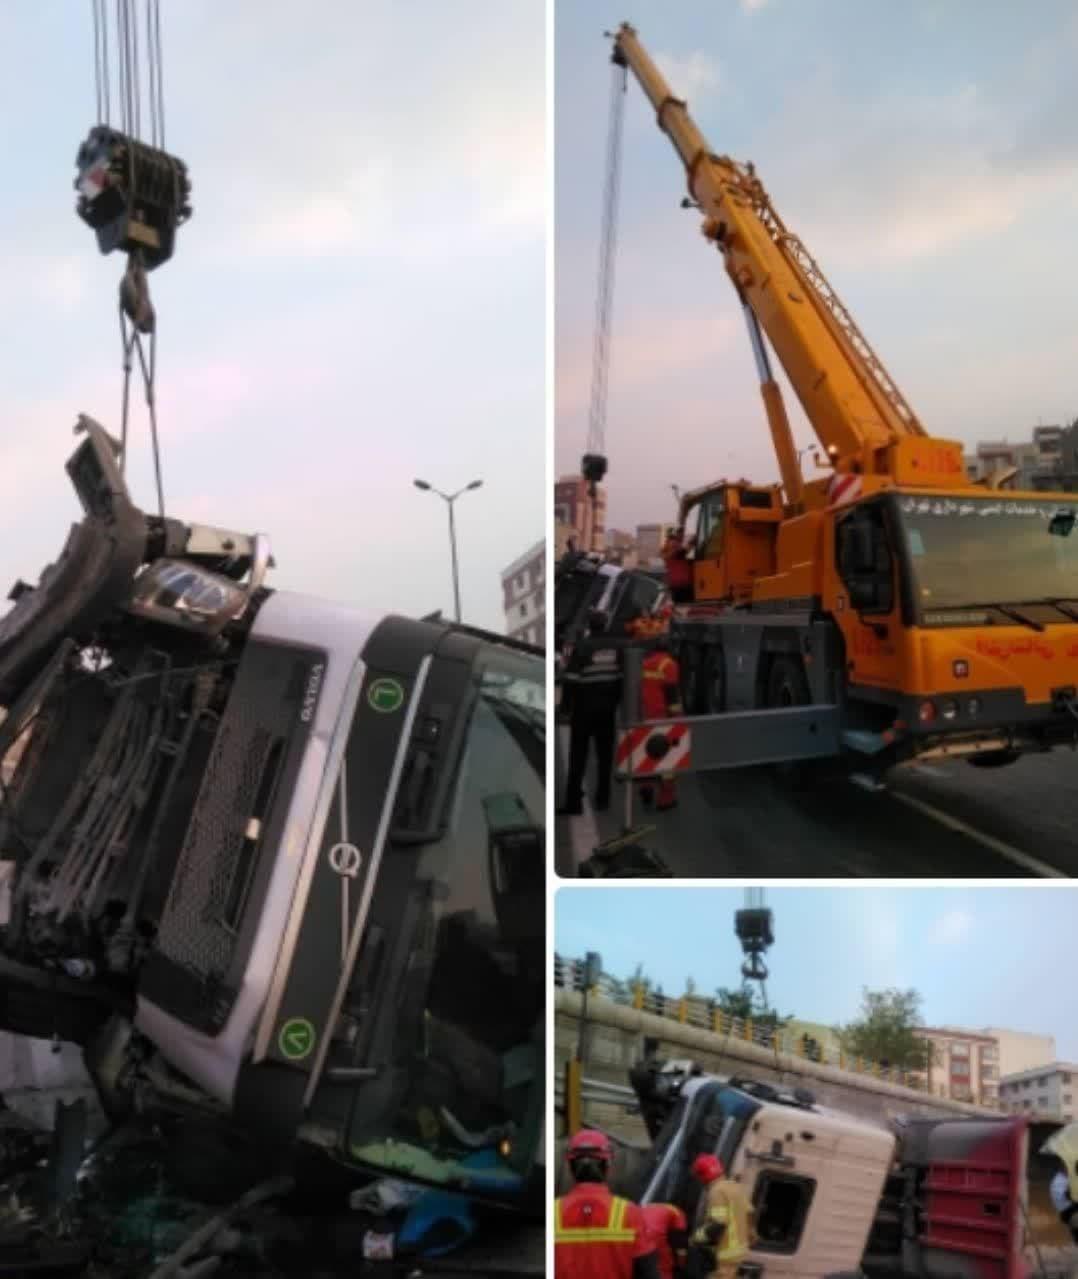 واژگونی یک دستگاه تریلر در بزرگراه امام علی (ع)